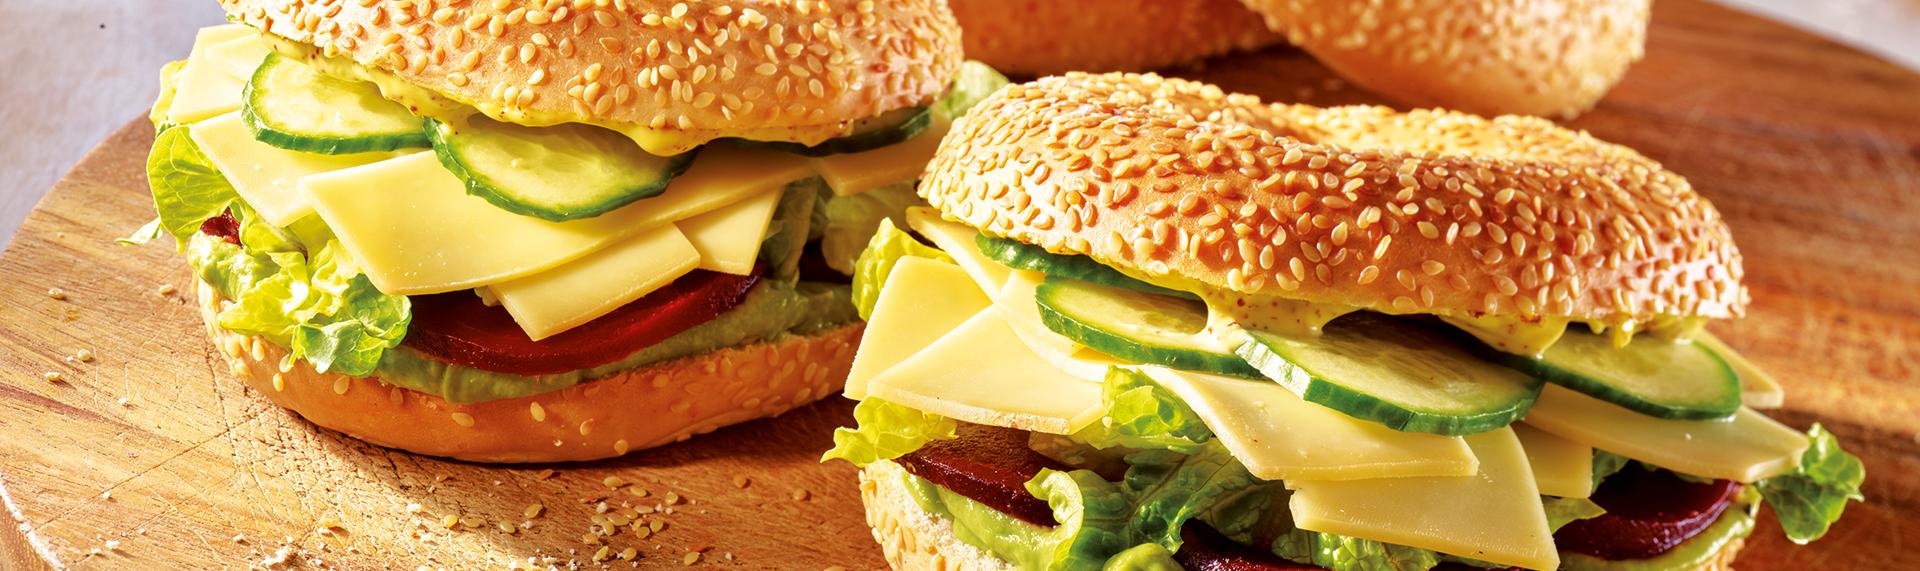 Bagel mit Avocadocreme und Käse